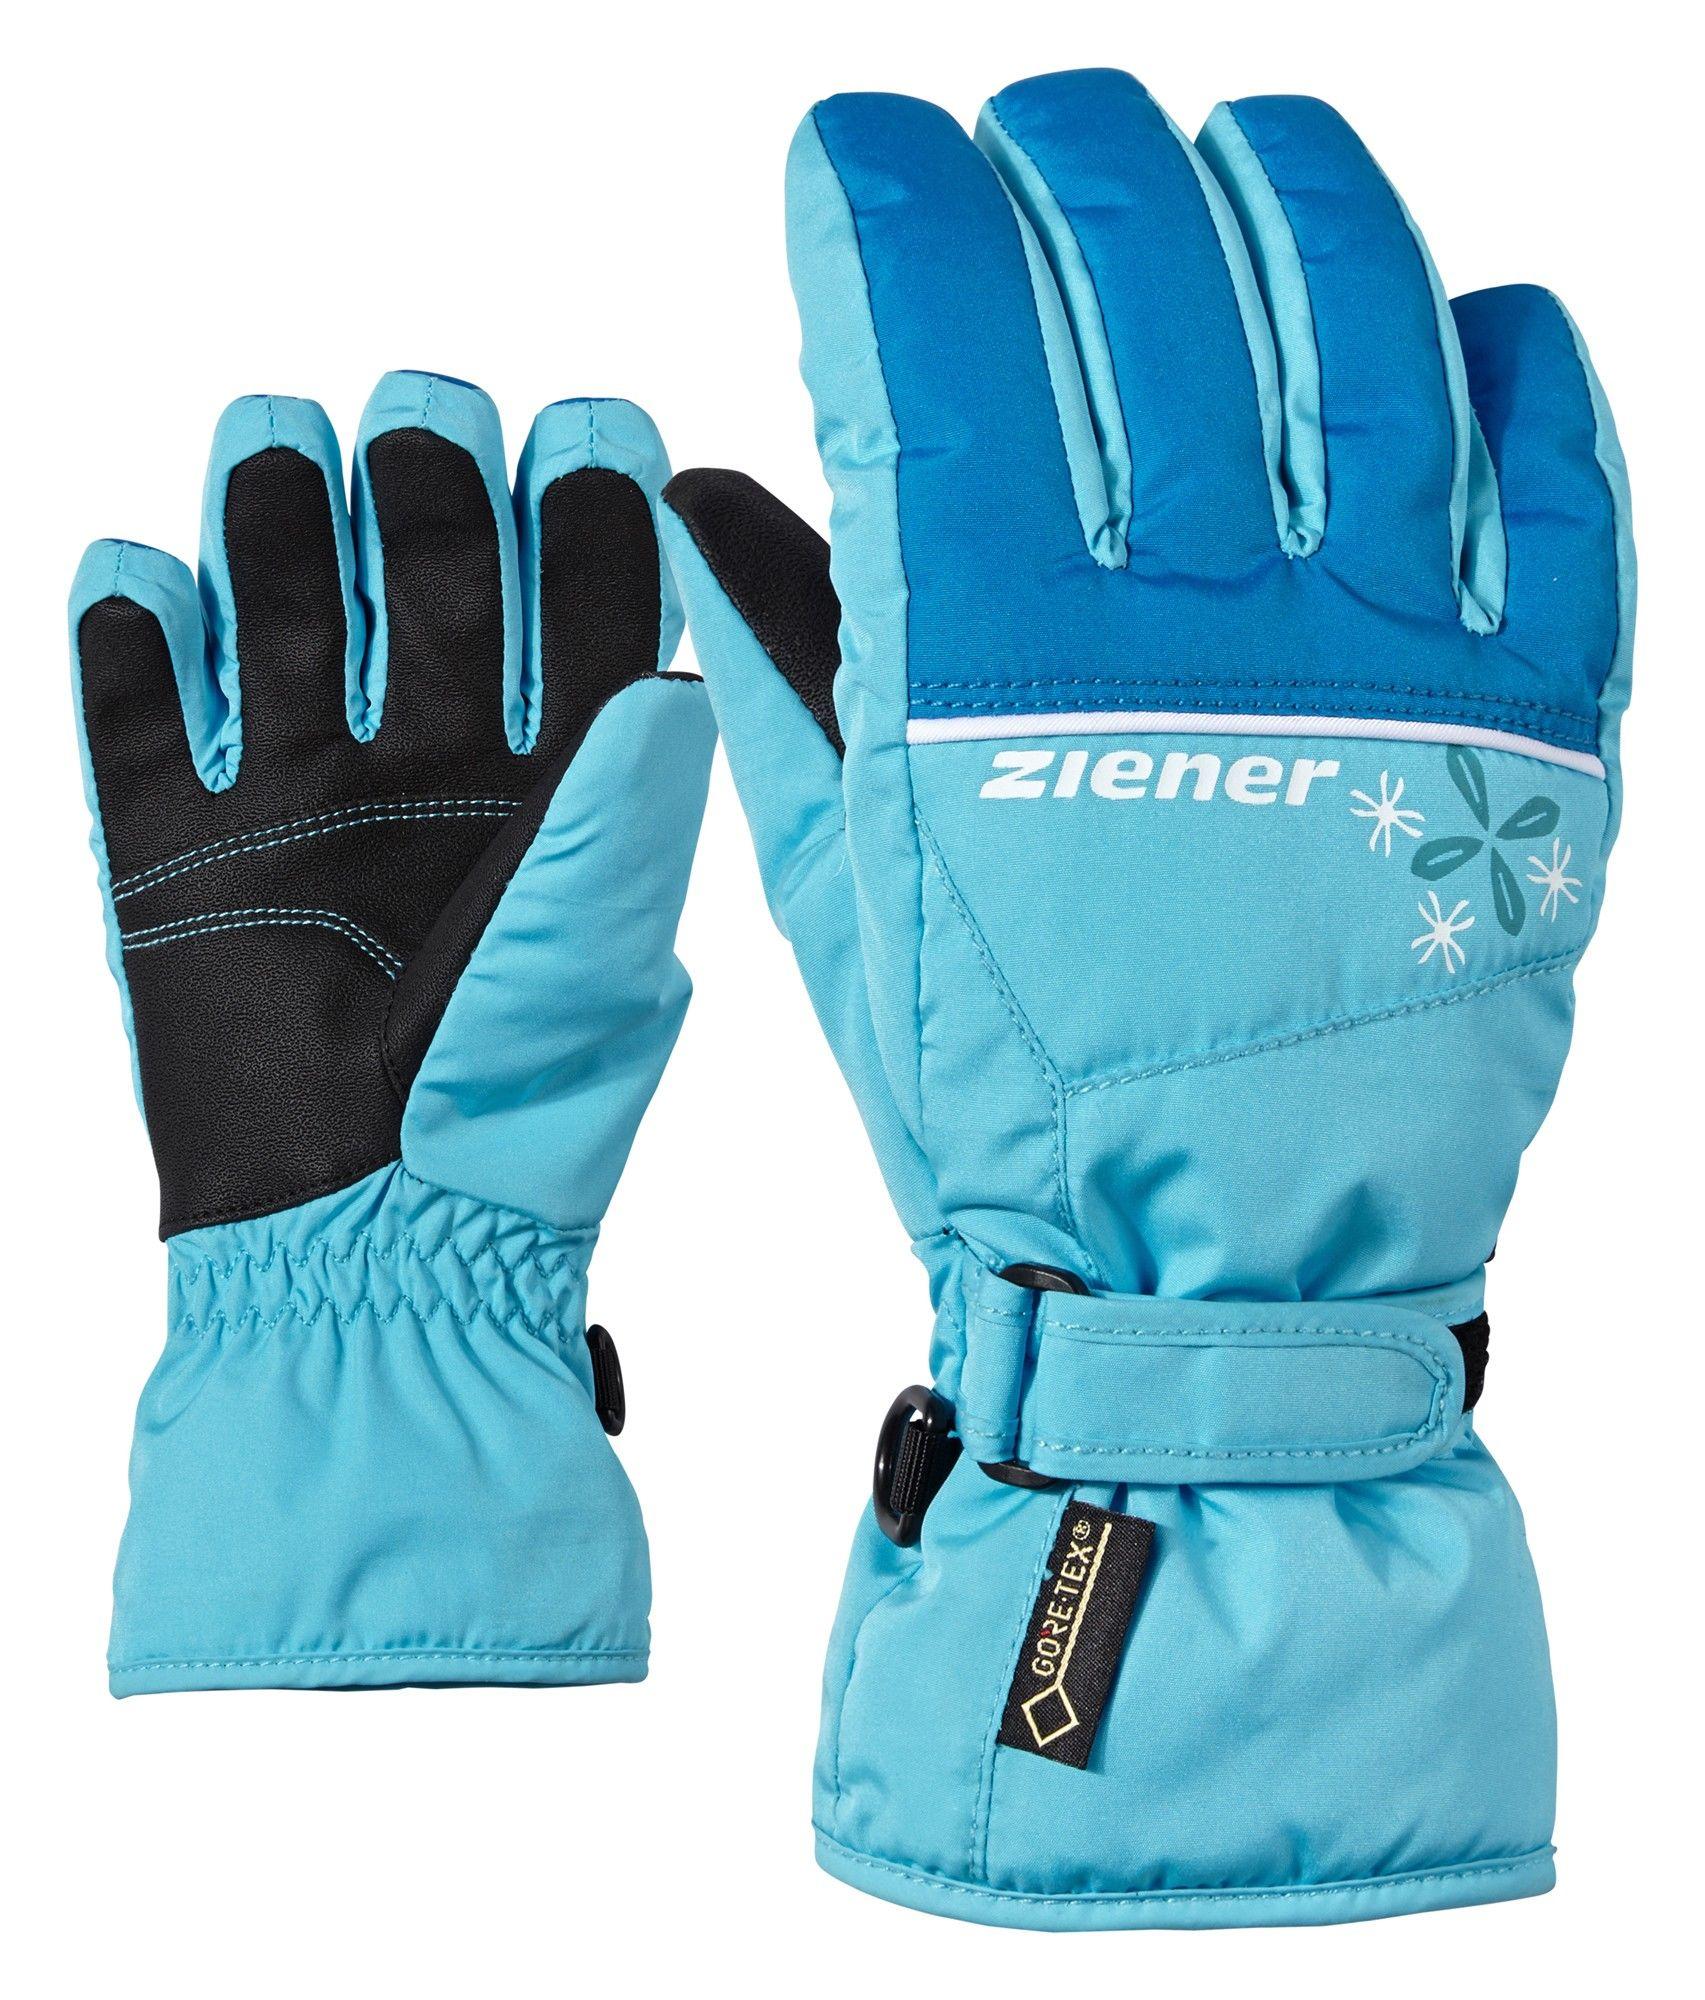 Ziener Junior Laber Gtx® | Größe 4.0,4.5,5.0,5.5,6.0,6.5,7.0,7.5,3.0,3.5 | Ki